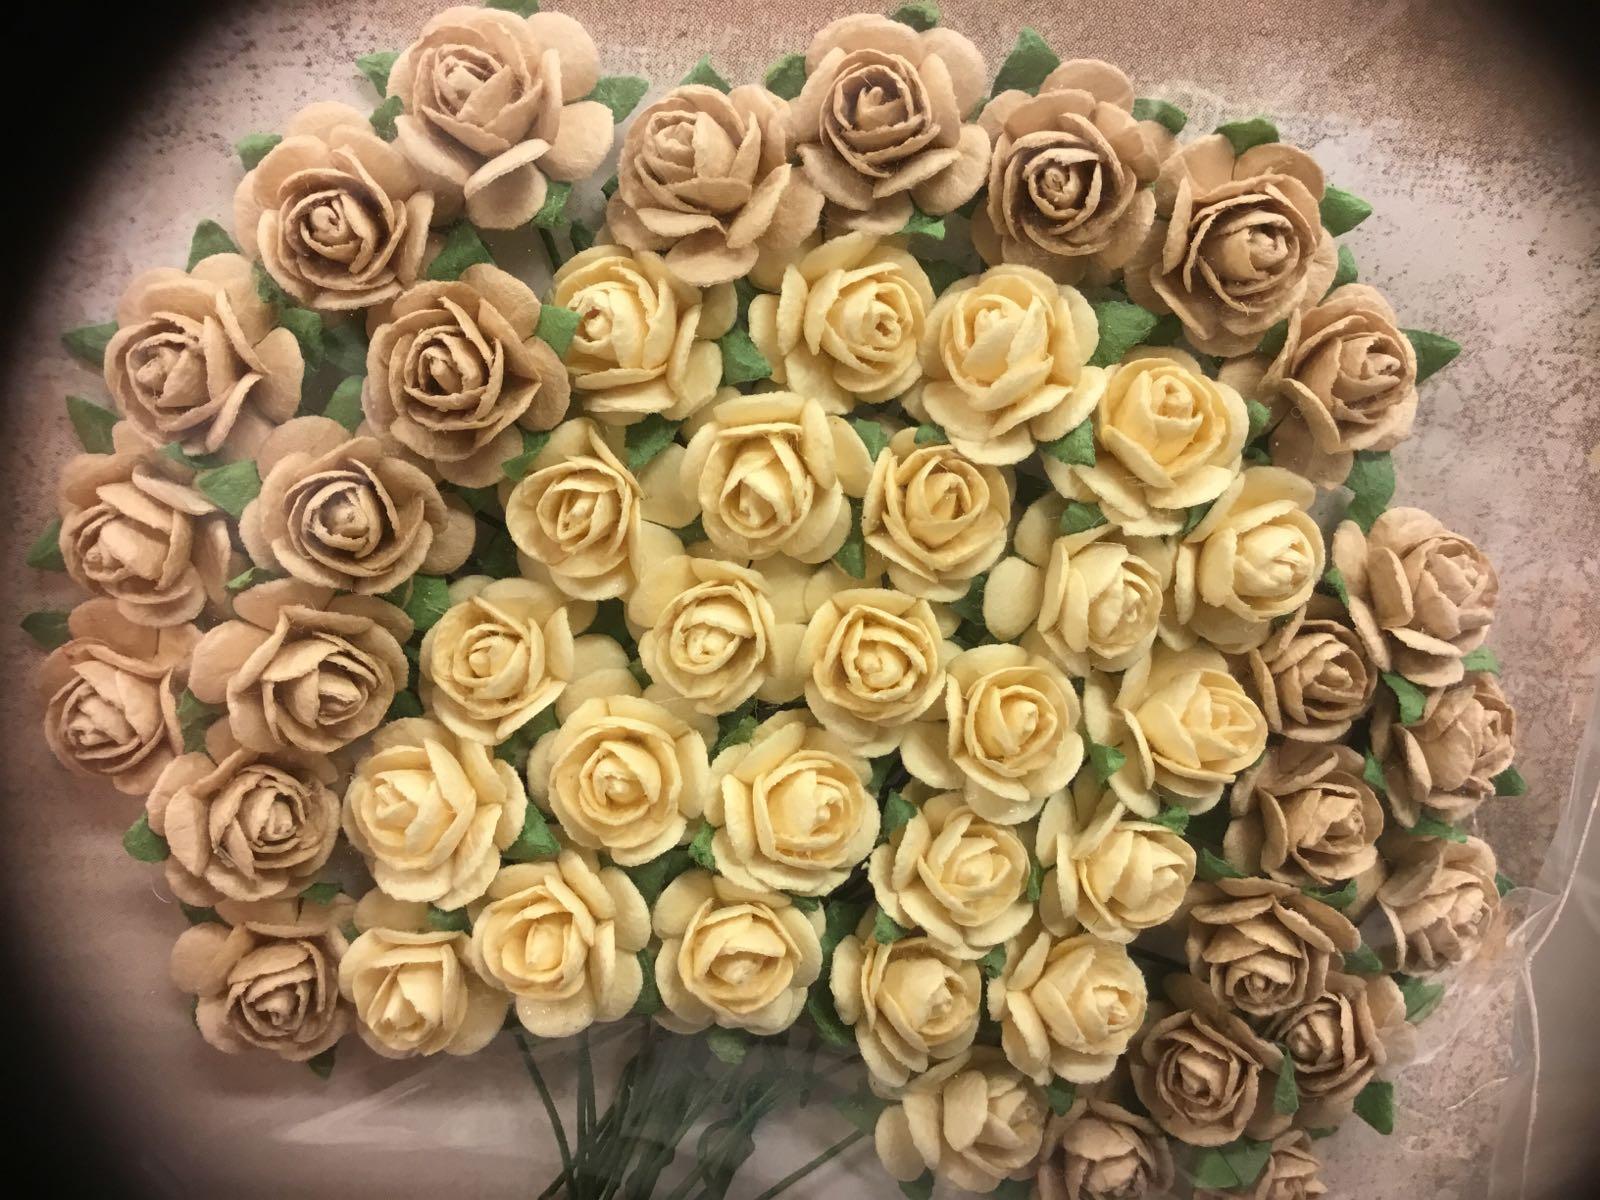 Papirdesign blomst, rose eggehvit/lysebrun-beige, 1,2cm